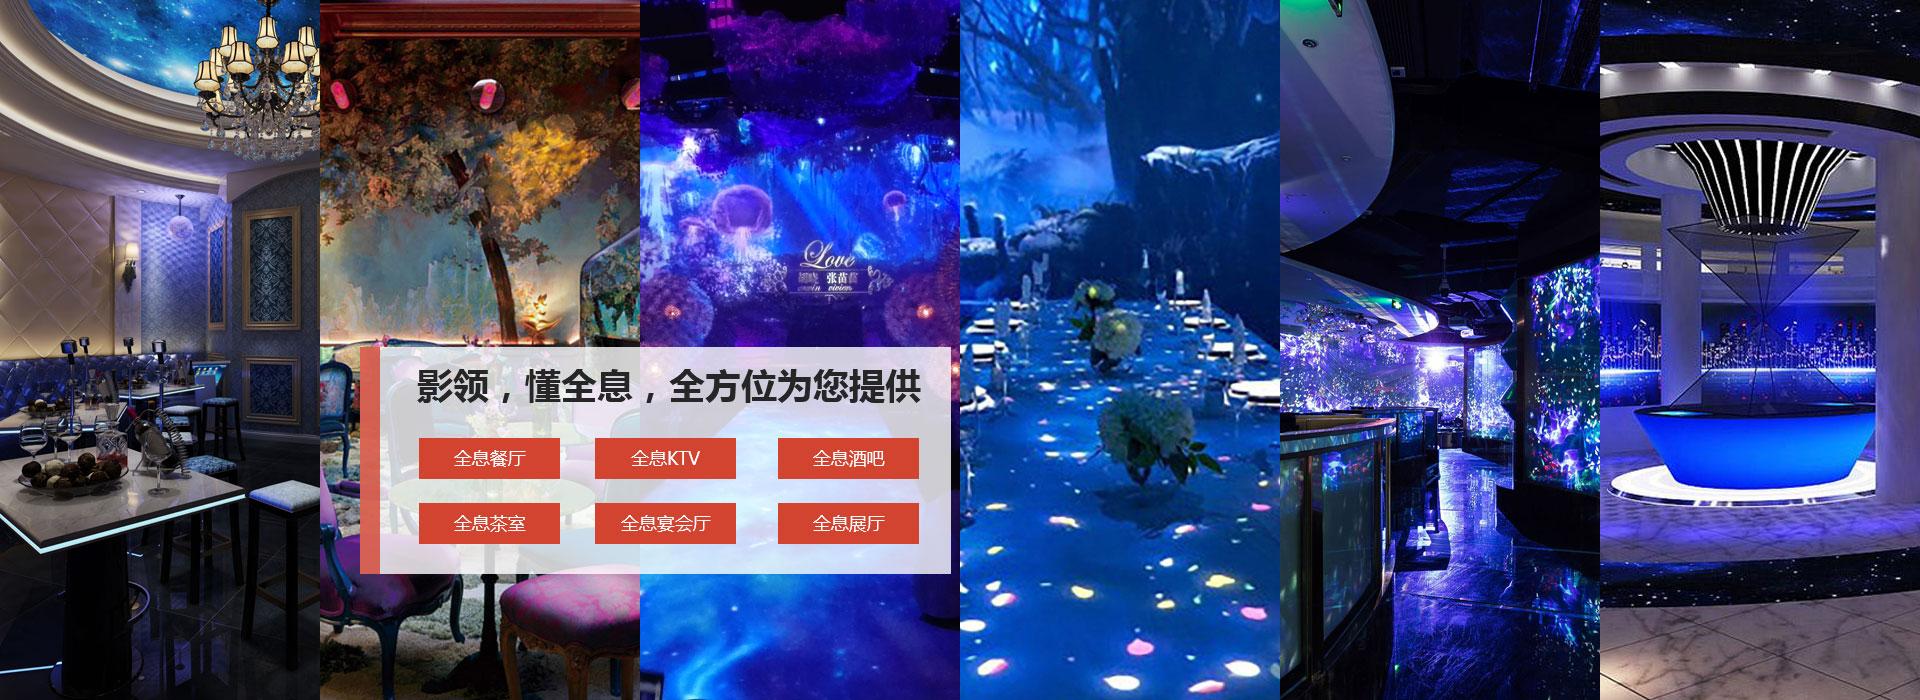 河南3d全息投影